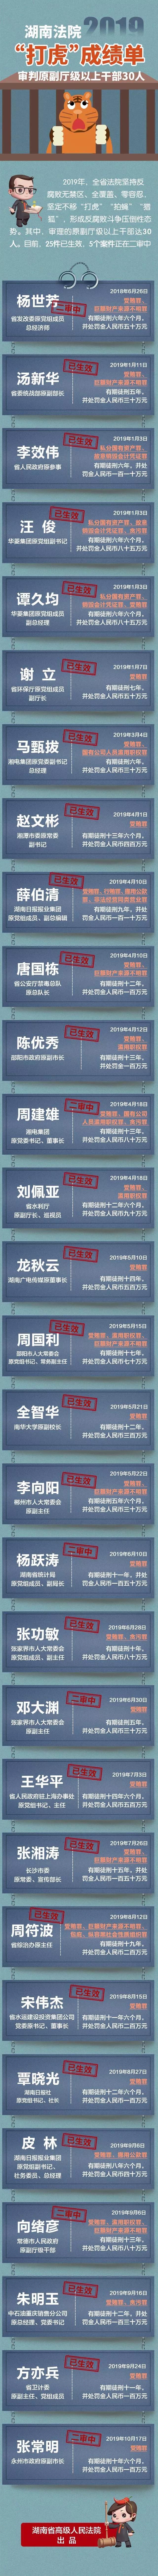 中国区域创新能力评价报告2019:广东三连冠